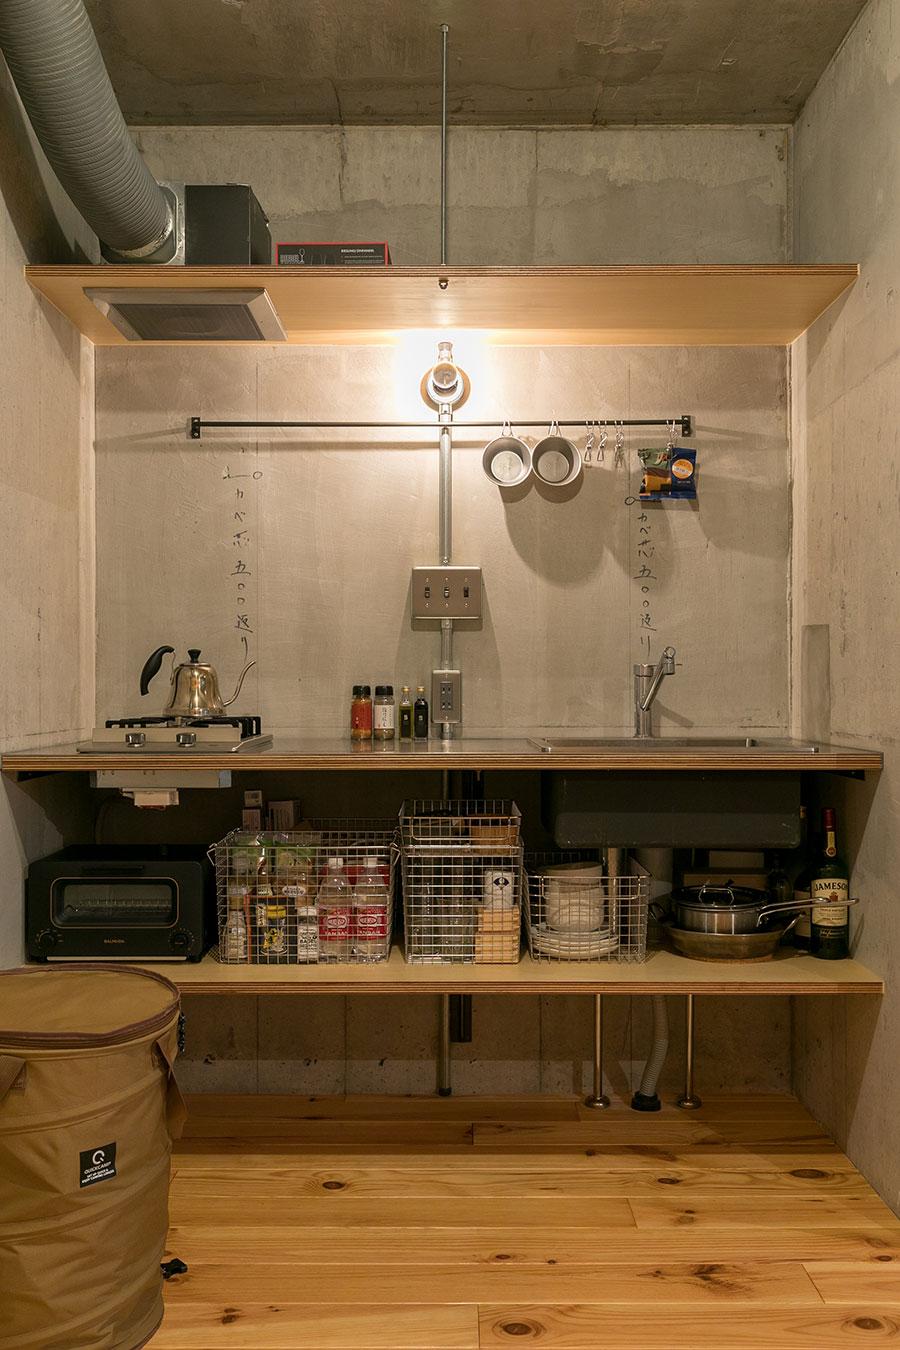 無印良品のスタッキングができるカゴを使い、きれいに整理整頓されたキッチン。ゴミ箱は、折りたたみできる筒型ケースの中。「キャンプに持っていって、同様にゴミ入れとして使っています」